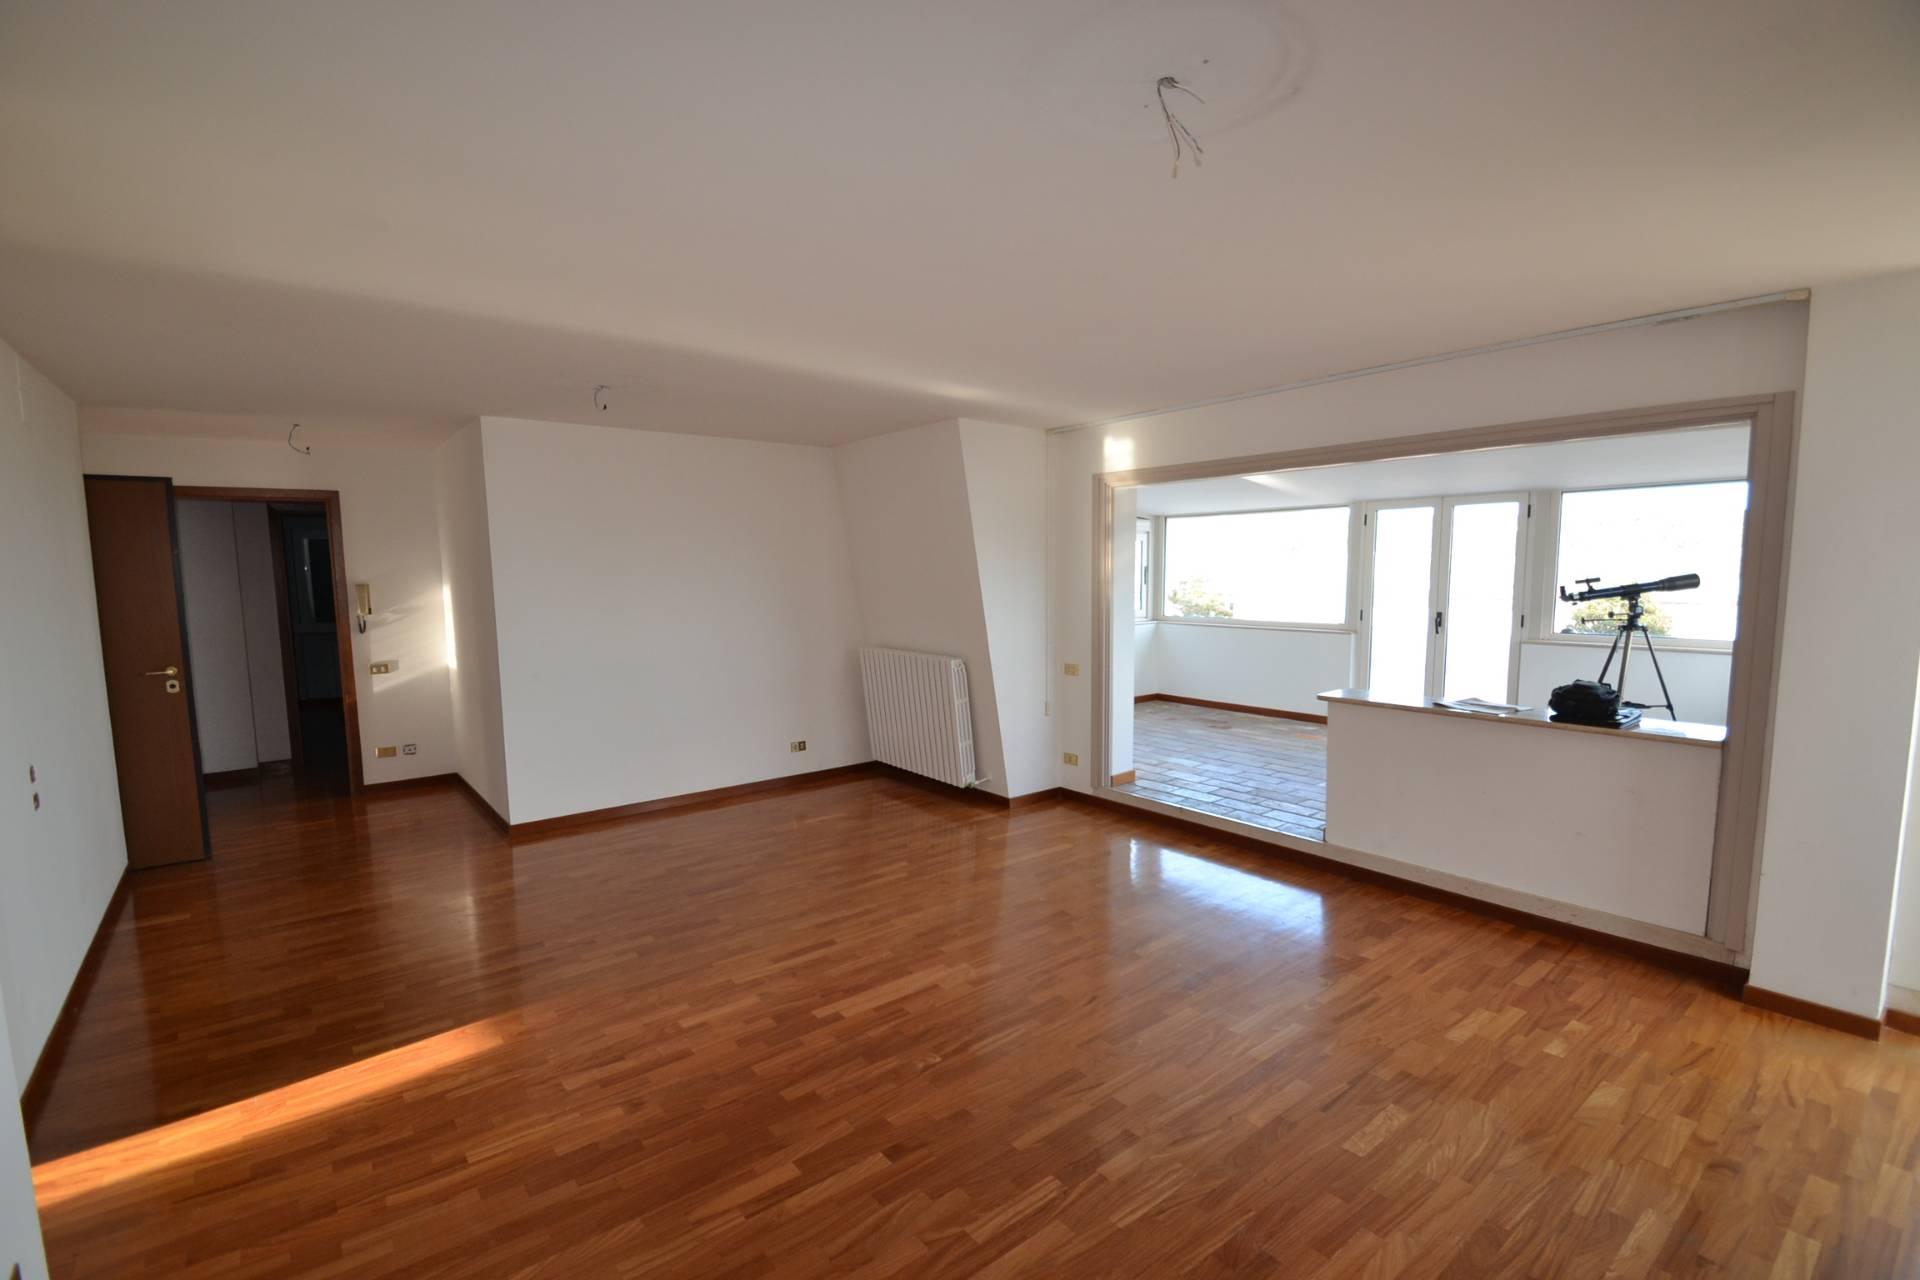 Appartamento in vendita a Monteprandone, 4 locali, zona Località: COLLINARE, prezzo € 190.000   PortaleAgenzieImmobiliari.it